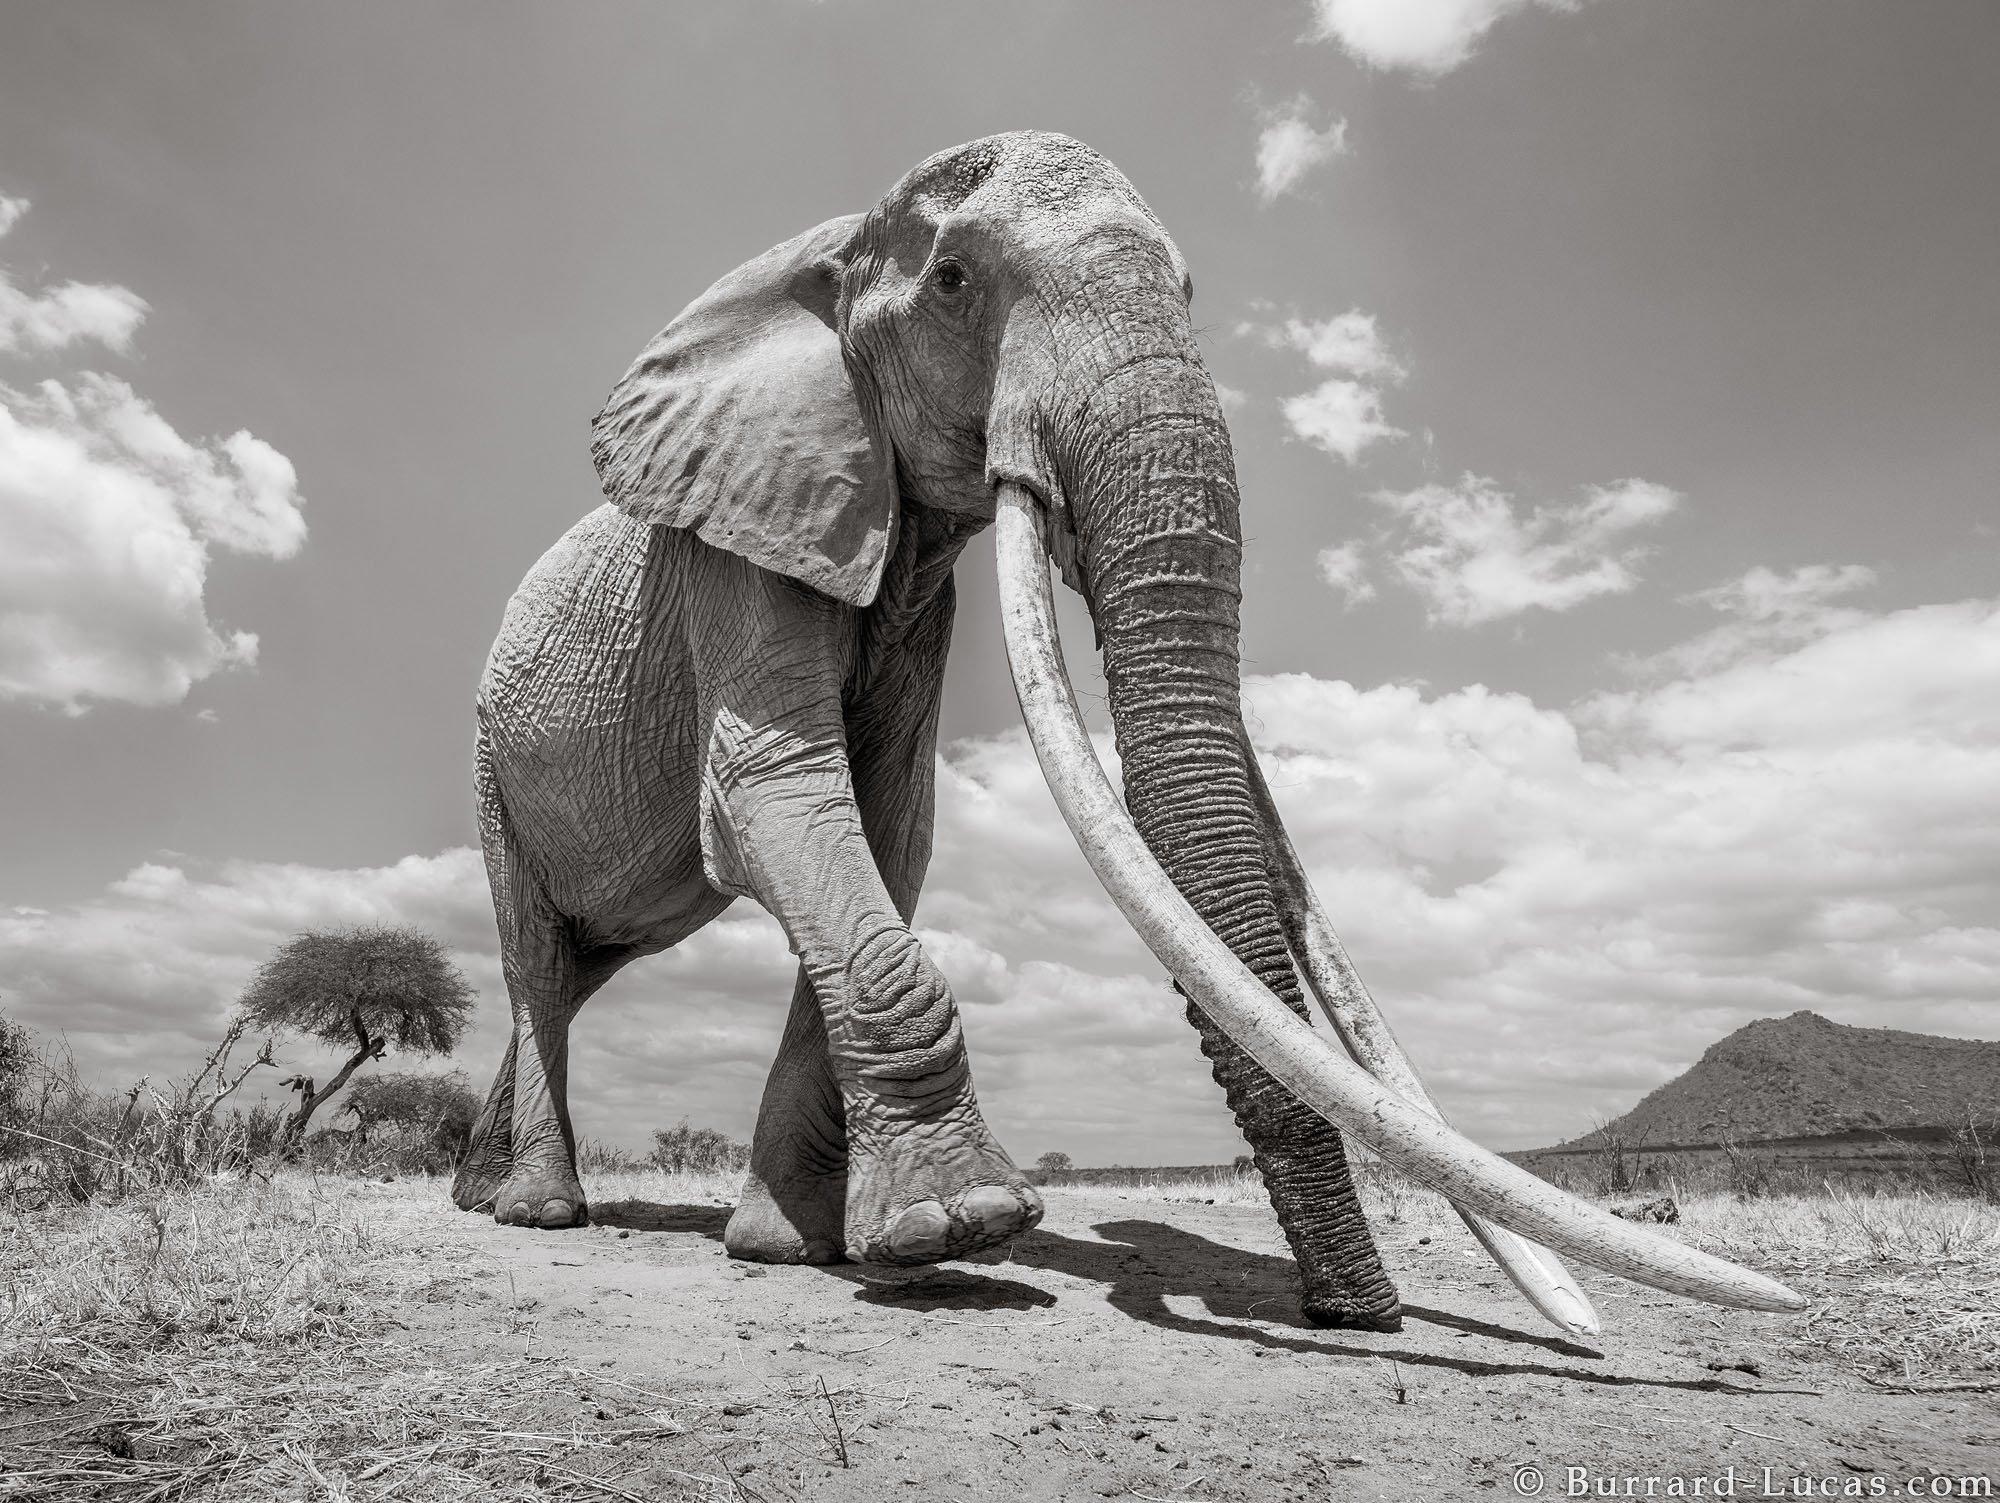 Las últimas fotos de la Reina de los Elefantes, una hermosa elefanta de largos colmillos